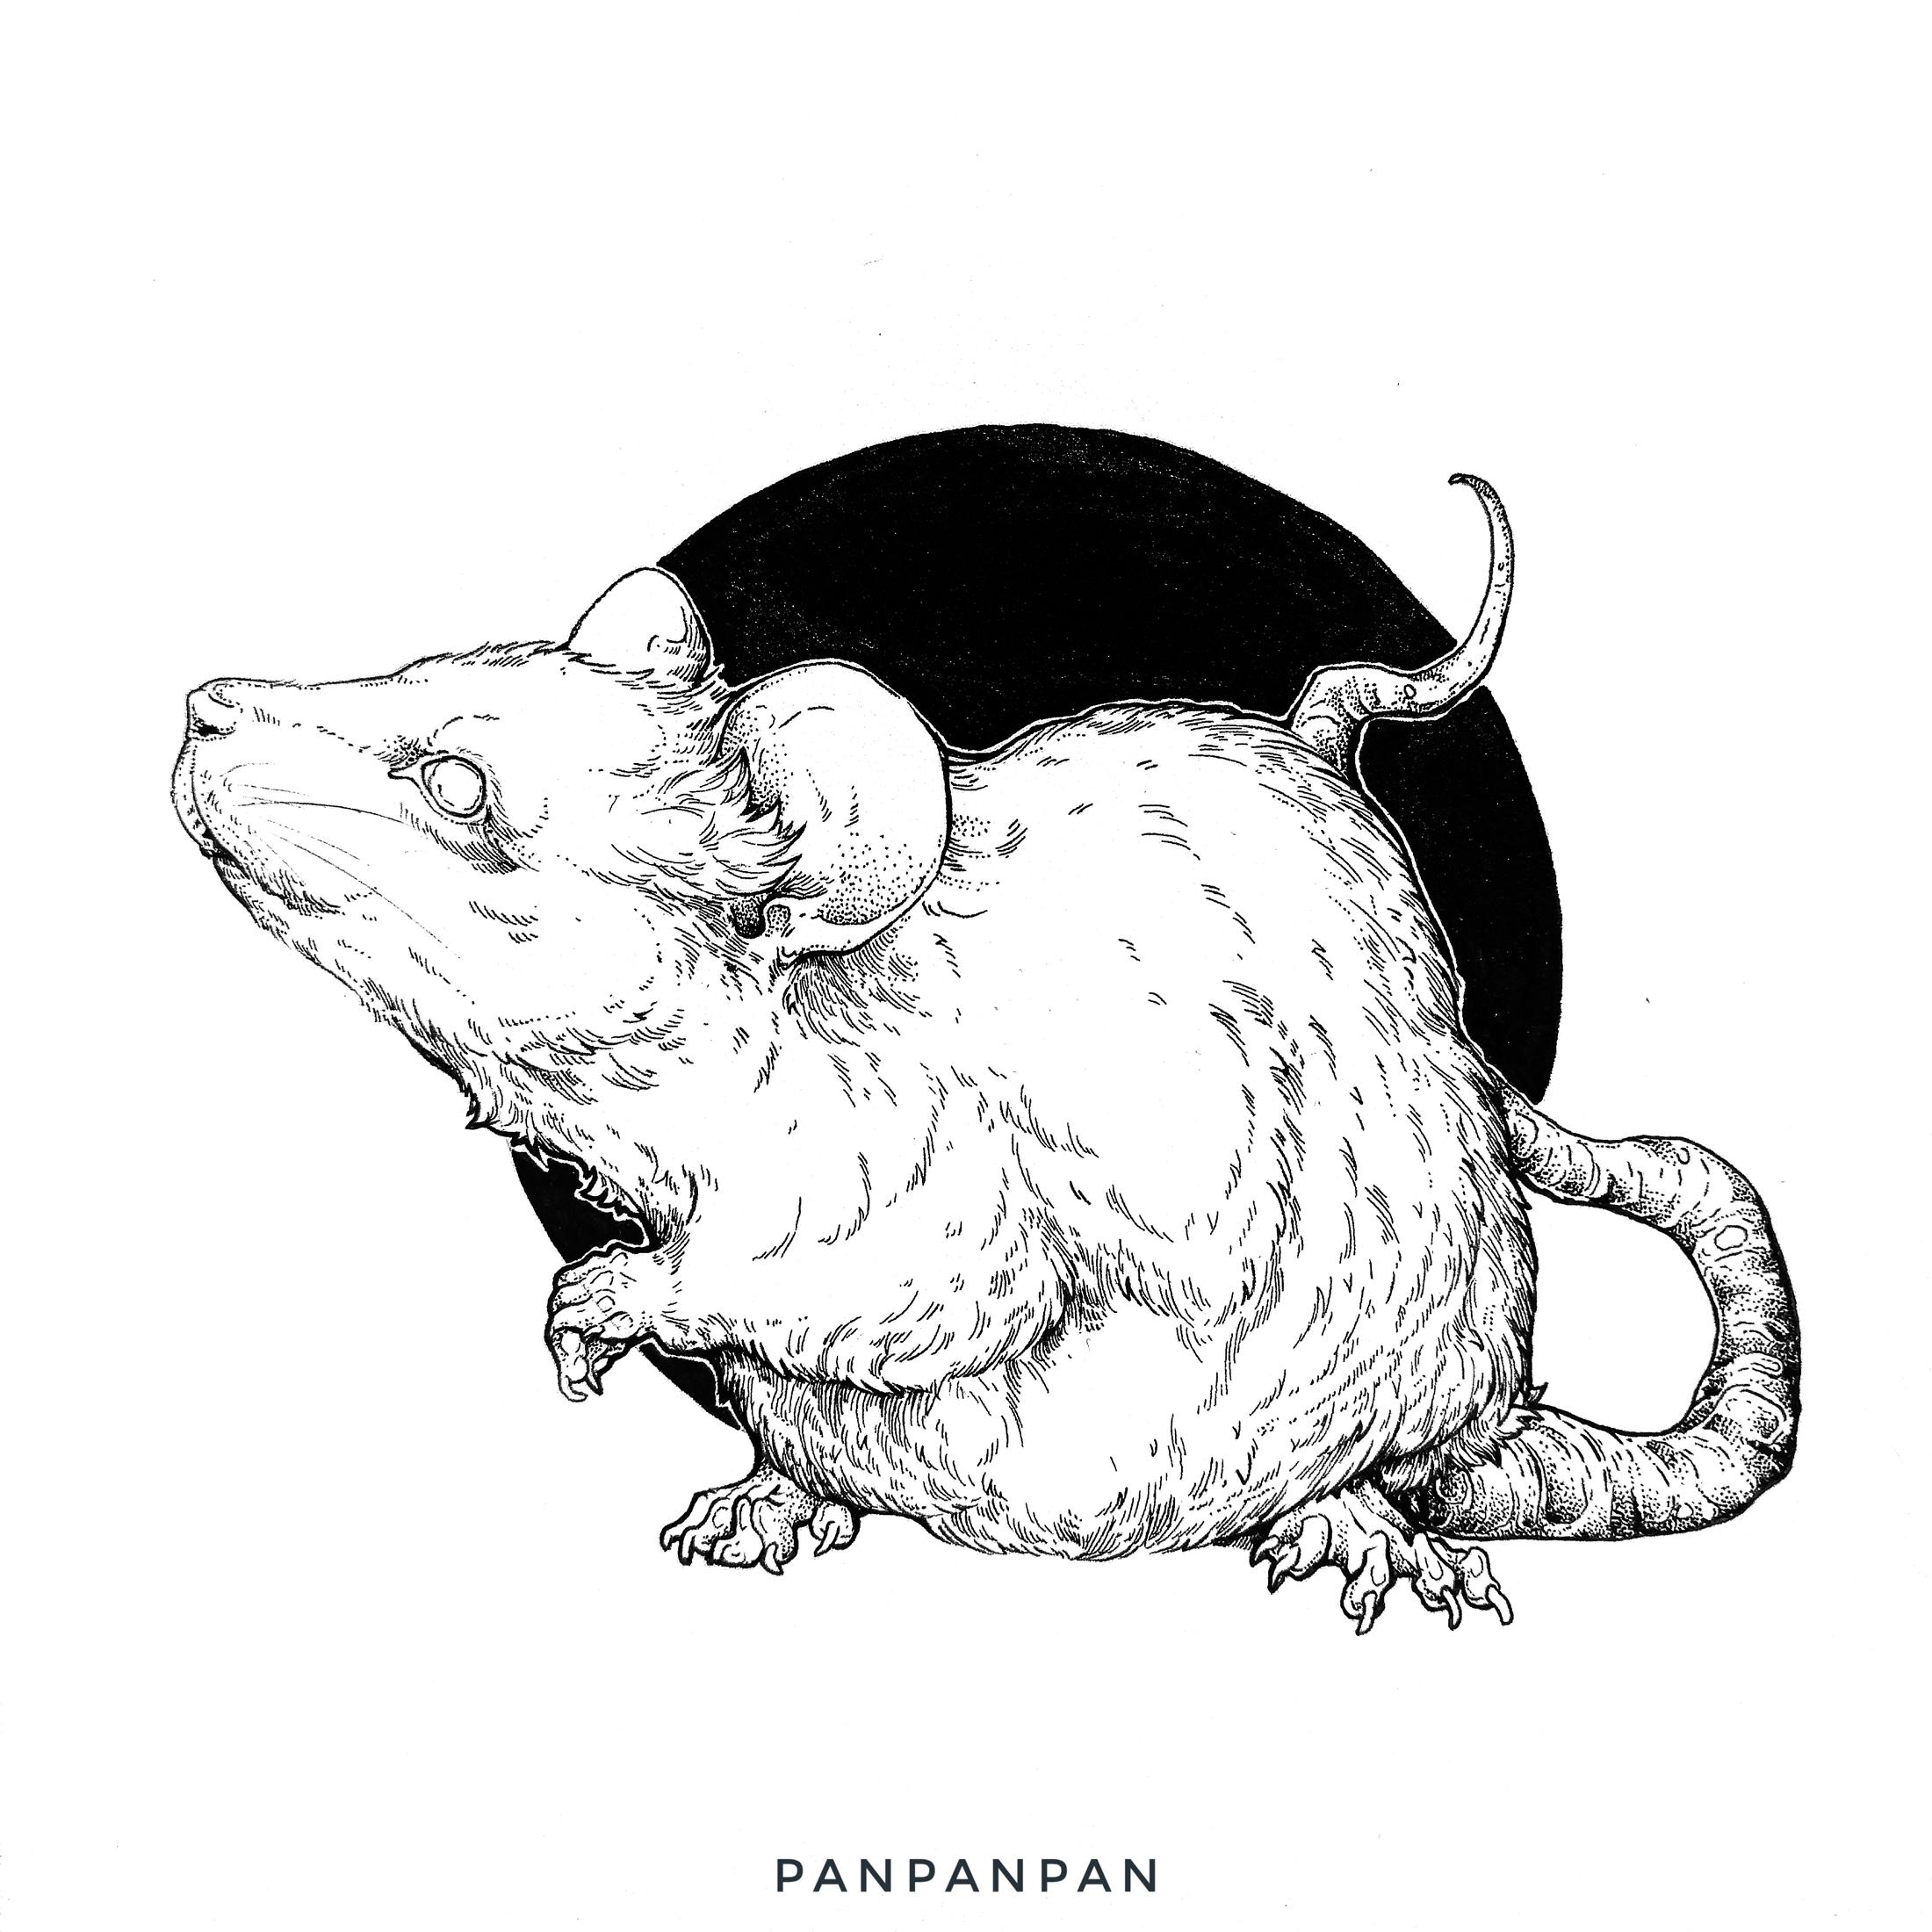 Maus, by Panpanpan